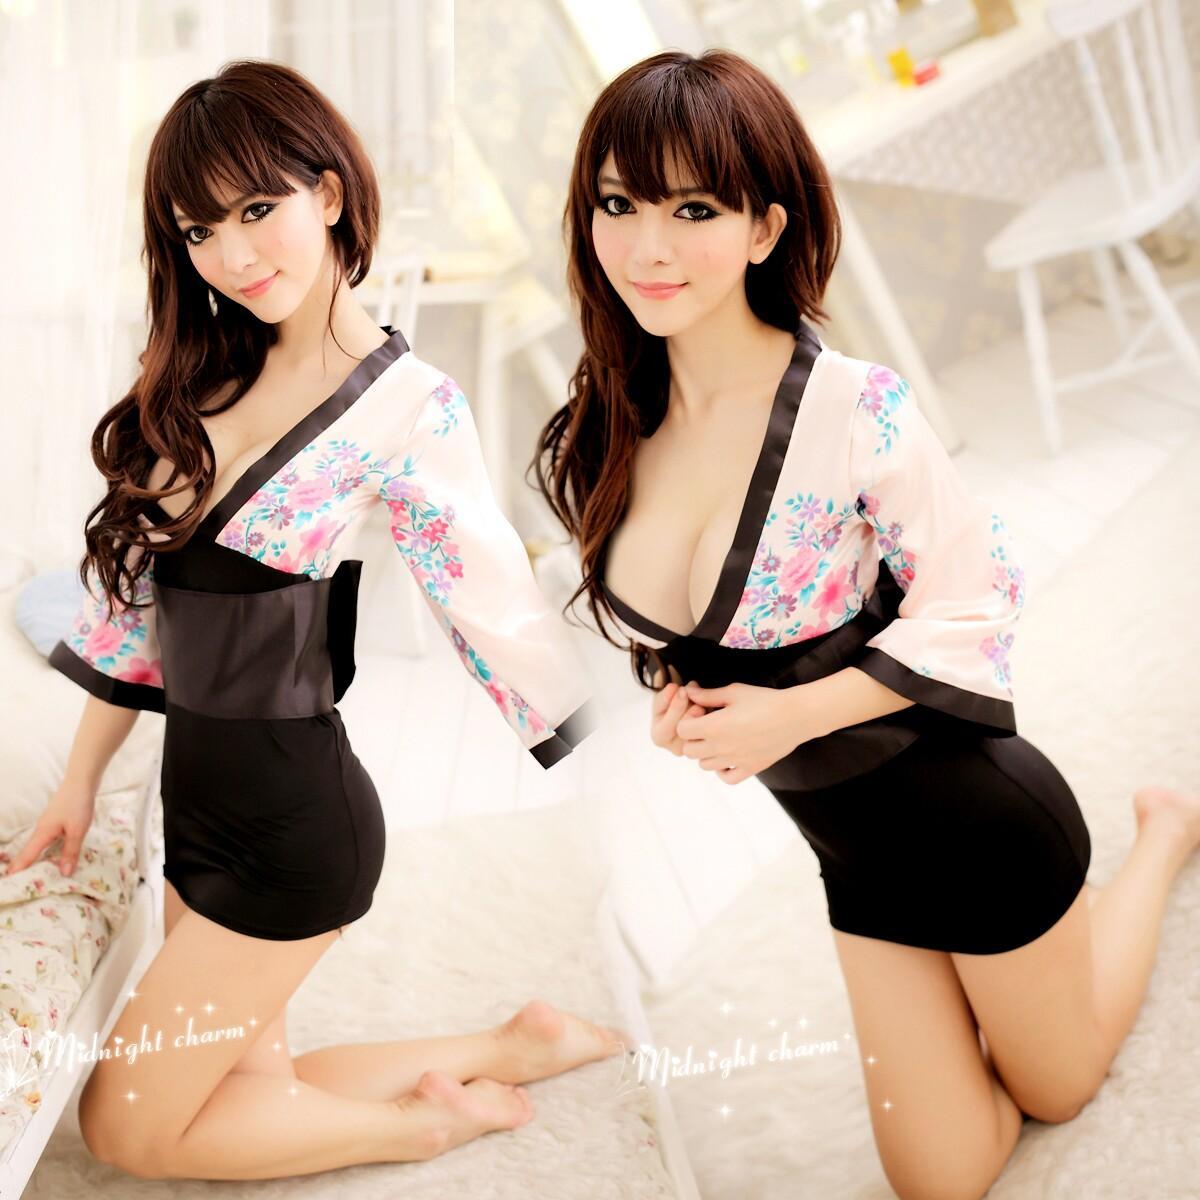 Сексуальная обтягивающее кимоно 10 фотография